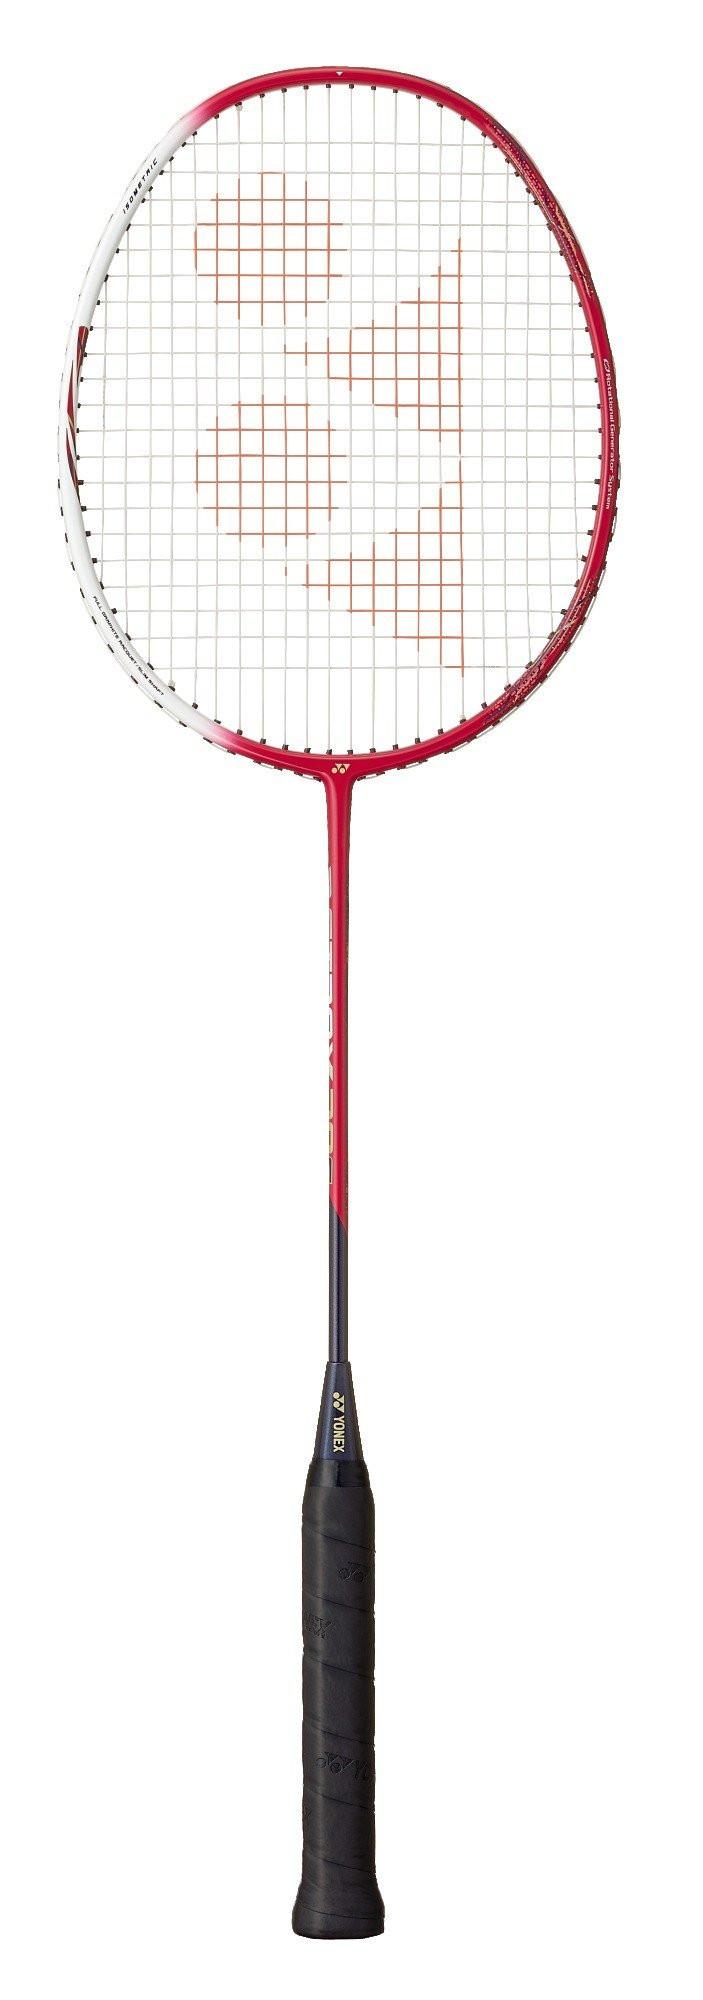 Yonex Astrox 38S Badmintonketcher